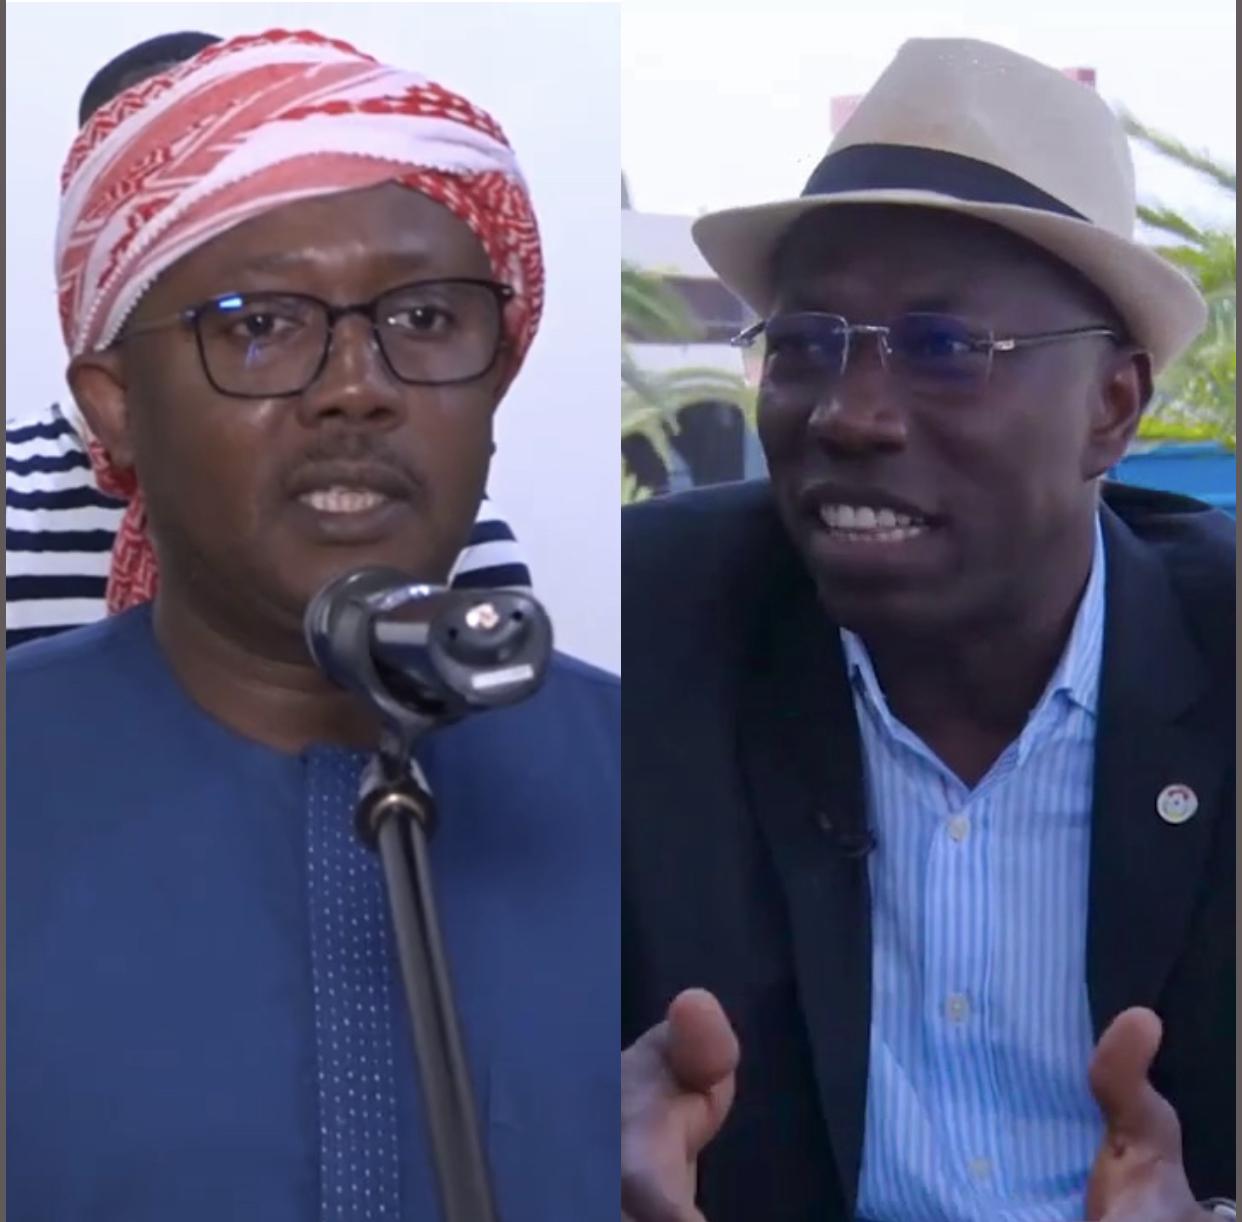 Parfum de coup d'État électoral en Guinée Bissau : Des chefs d'État de la CEDEAO tireraient les ficelles pour Domingos Simoes Pereira...